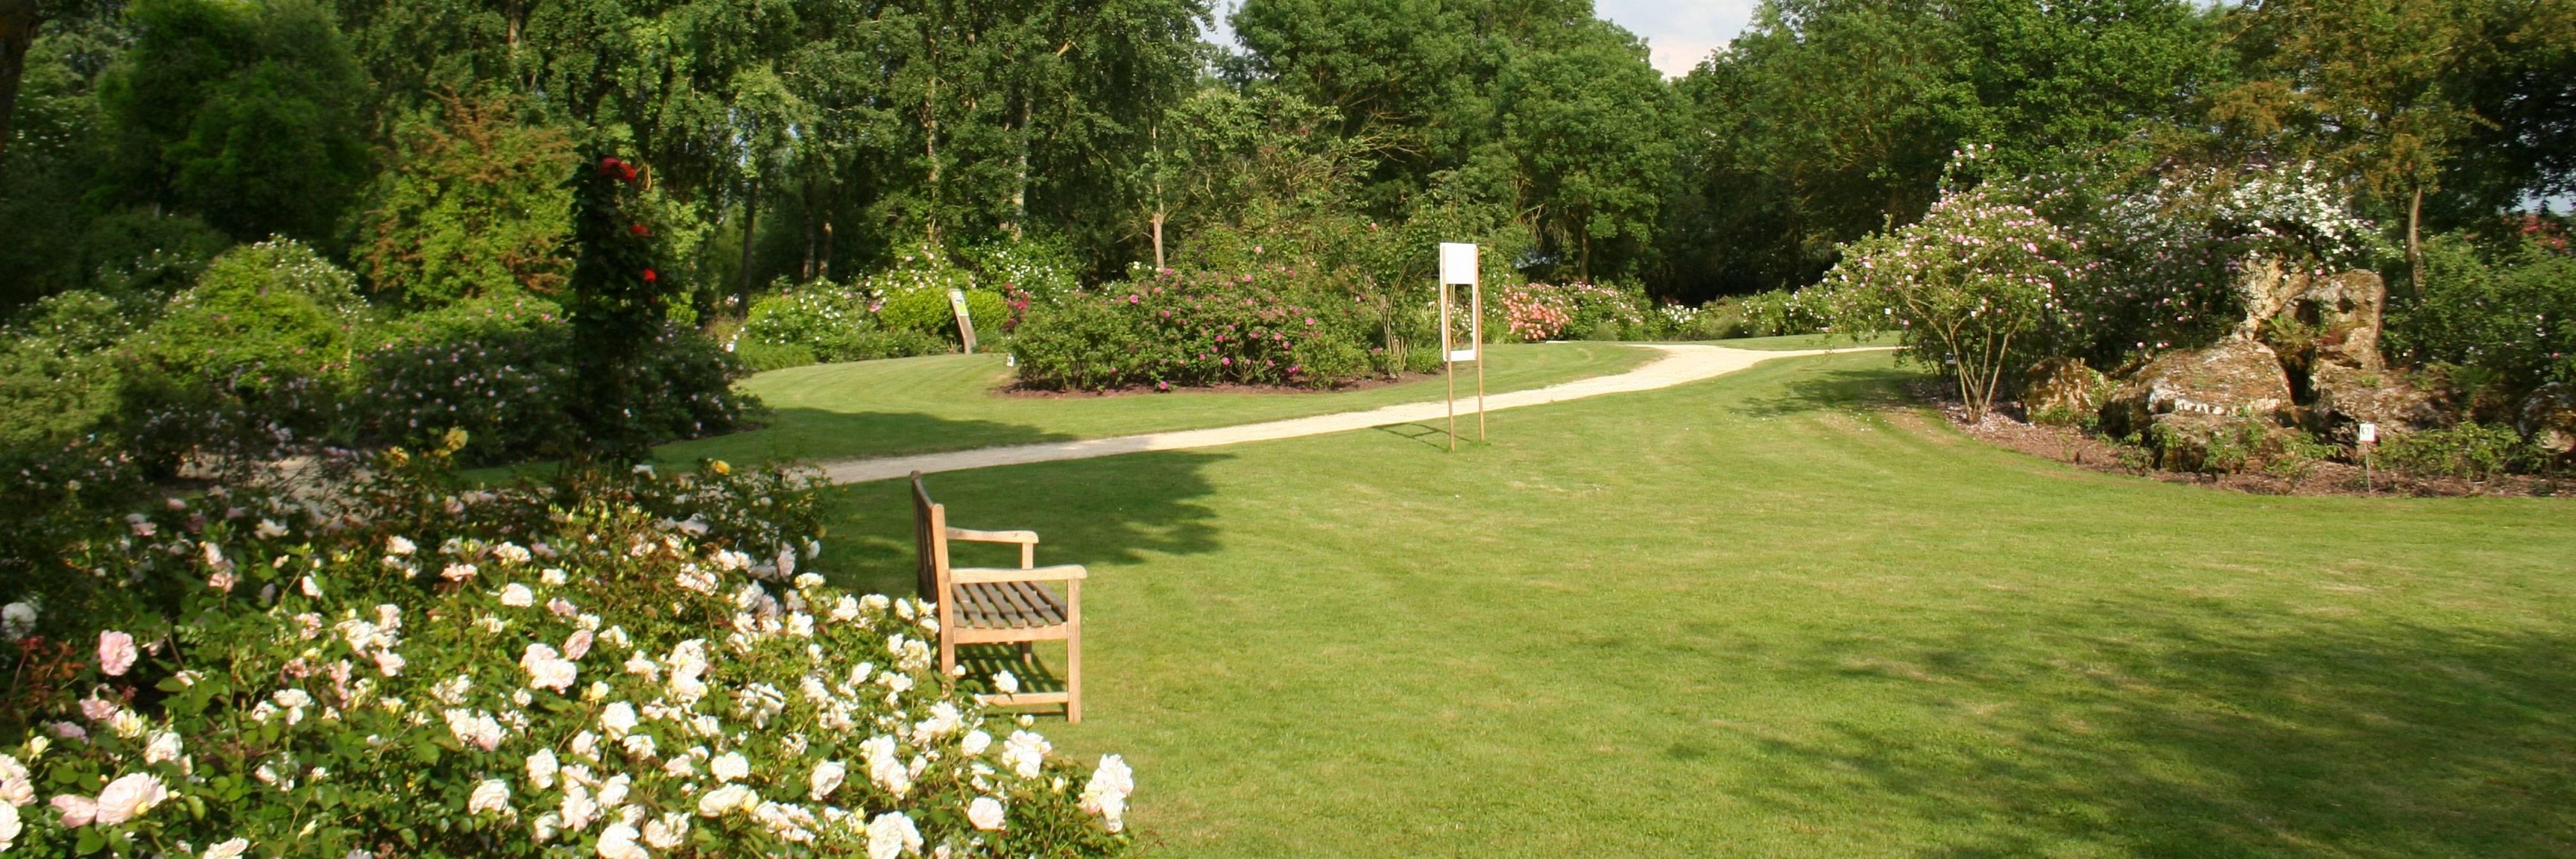 Visite en solitaire du jardin des roses de Doué-la-Fontaine